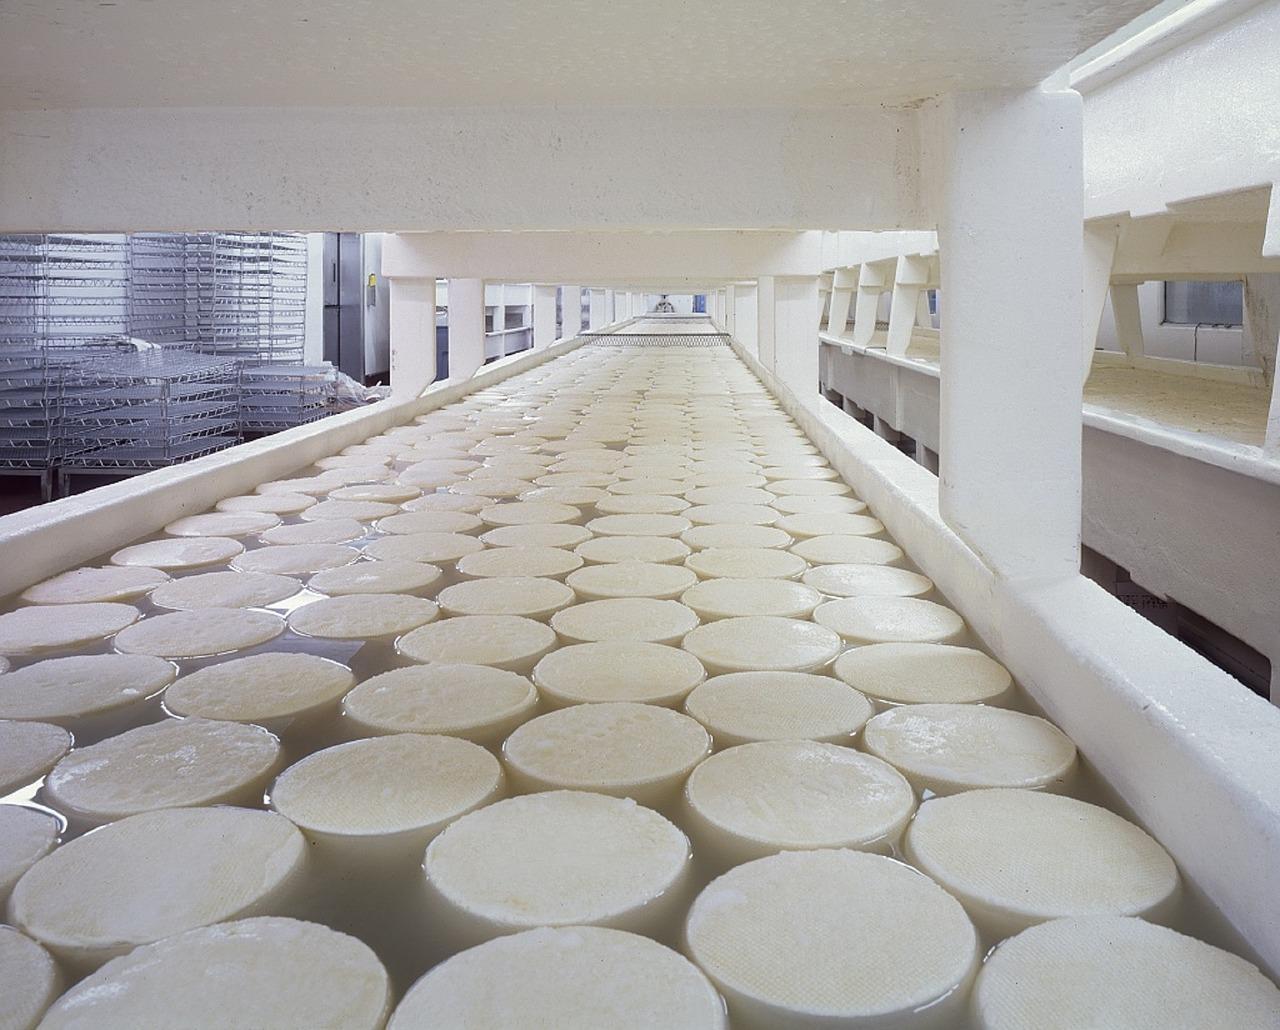 Fabrica de producción de quesos